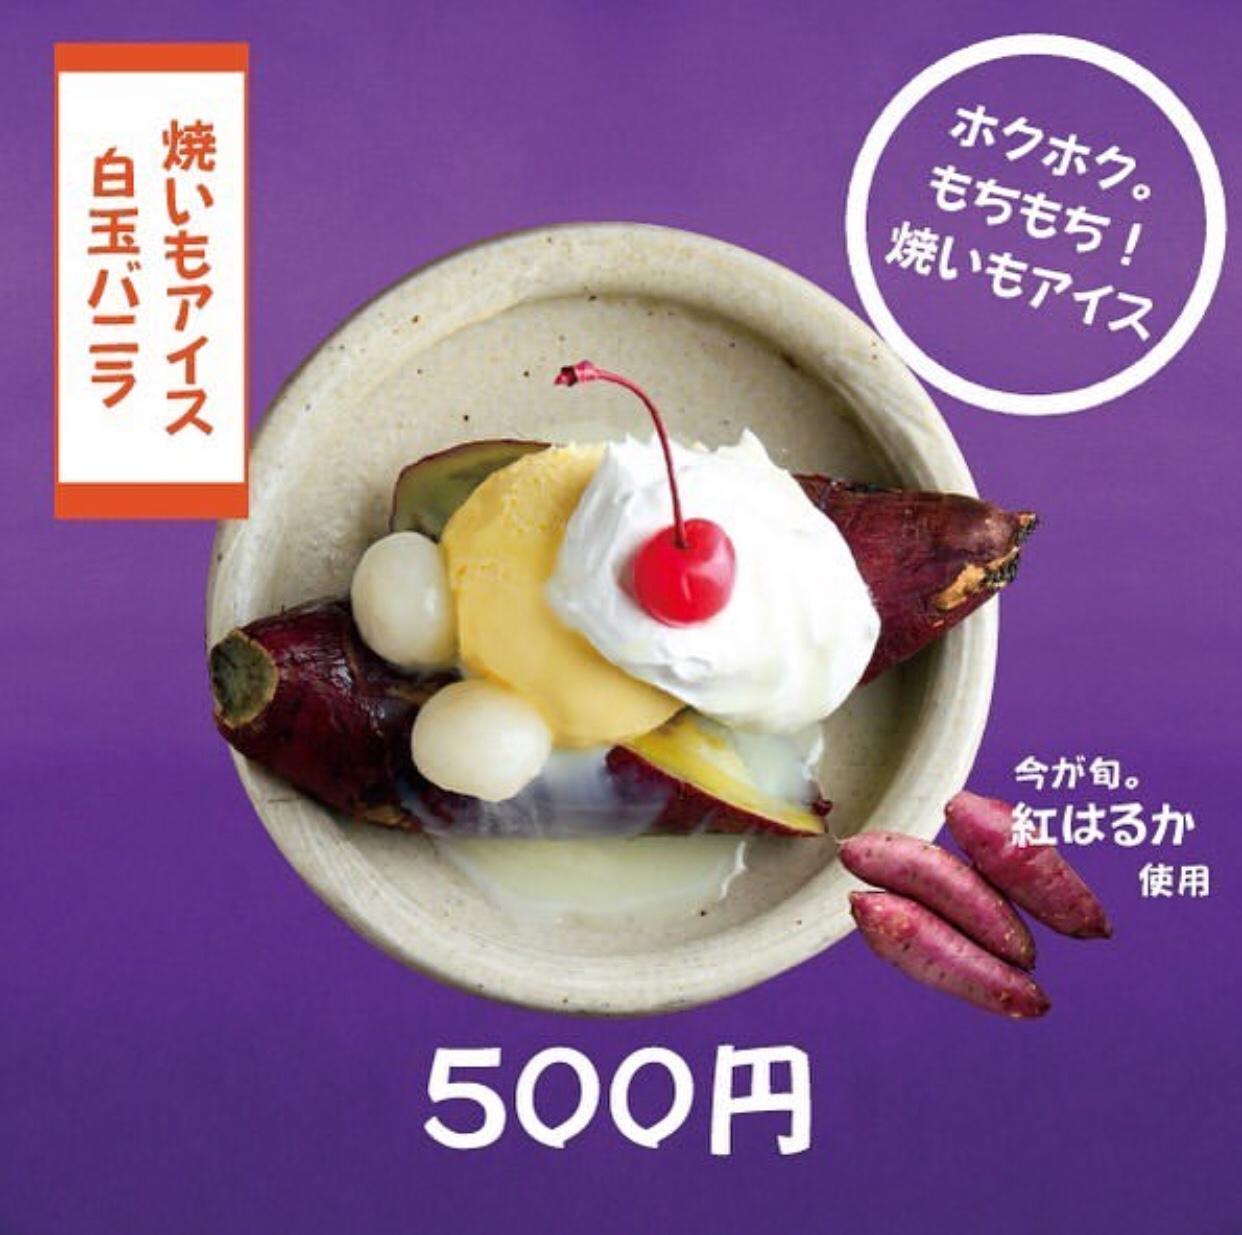 【12/26】大学いも専門店 せいすから冬の新作が登場!焼き芋とアイスのコラボが味わえる